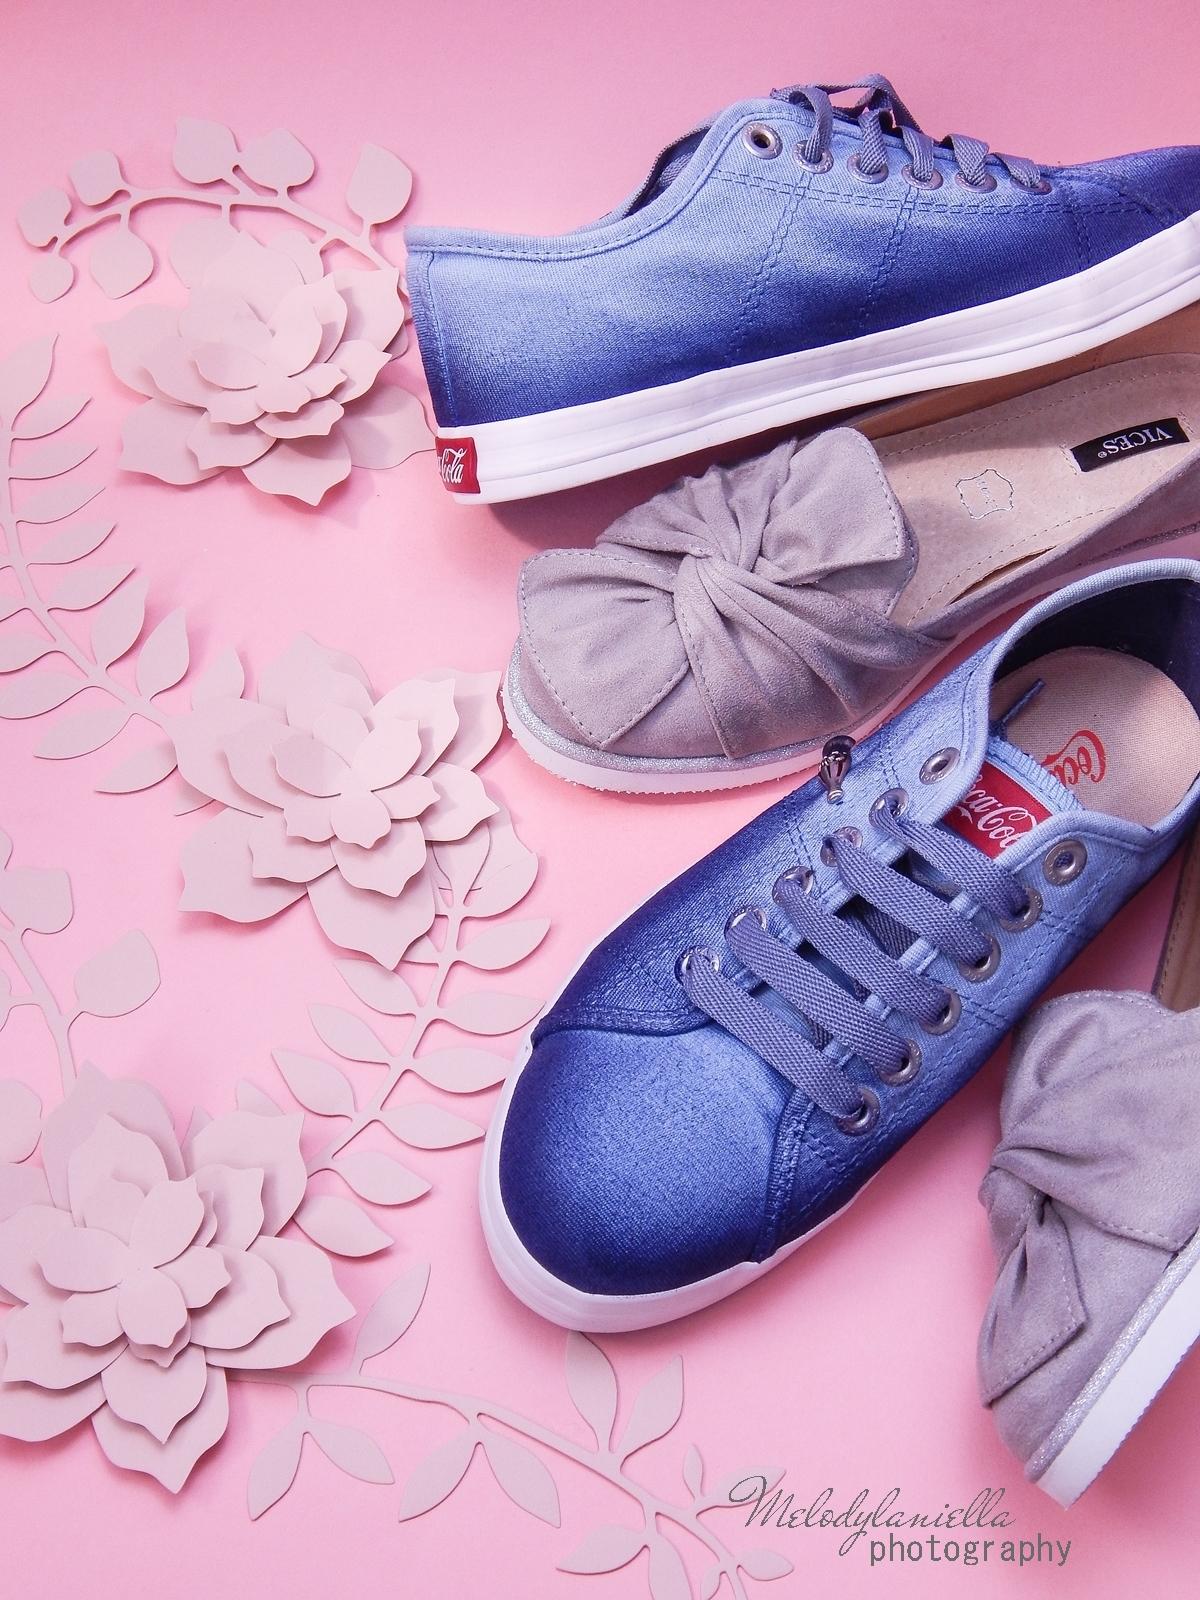 6 buty łuków baleriny tenisówki mokasyny sandały z ponopnami trzy modele butów modnych na lato melodylaniella recenzje buty coca-cola szare półbuty z kokardą buty na wesele buty do sukienki moda